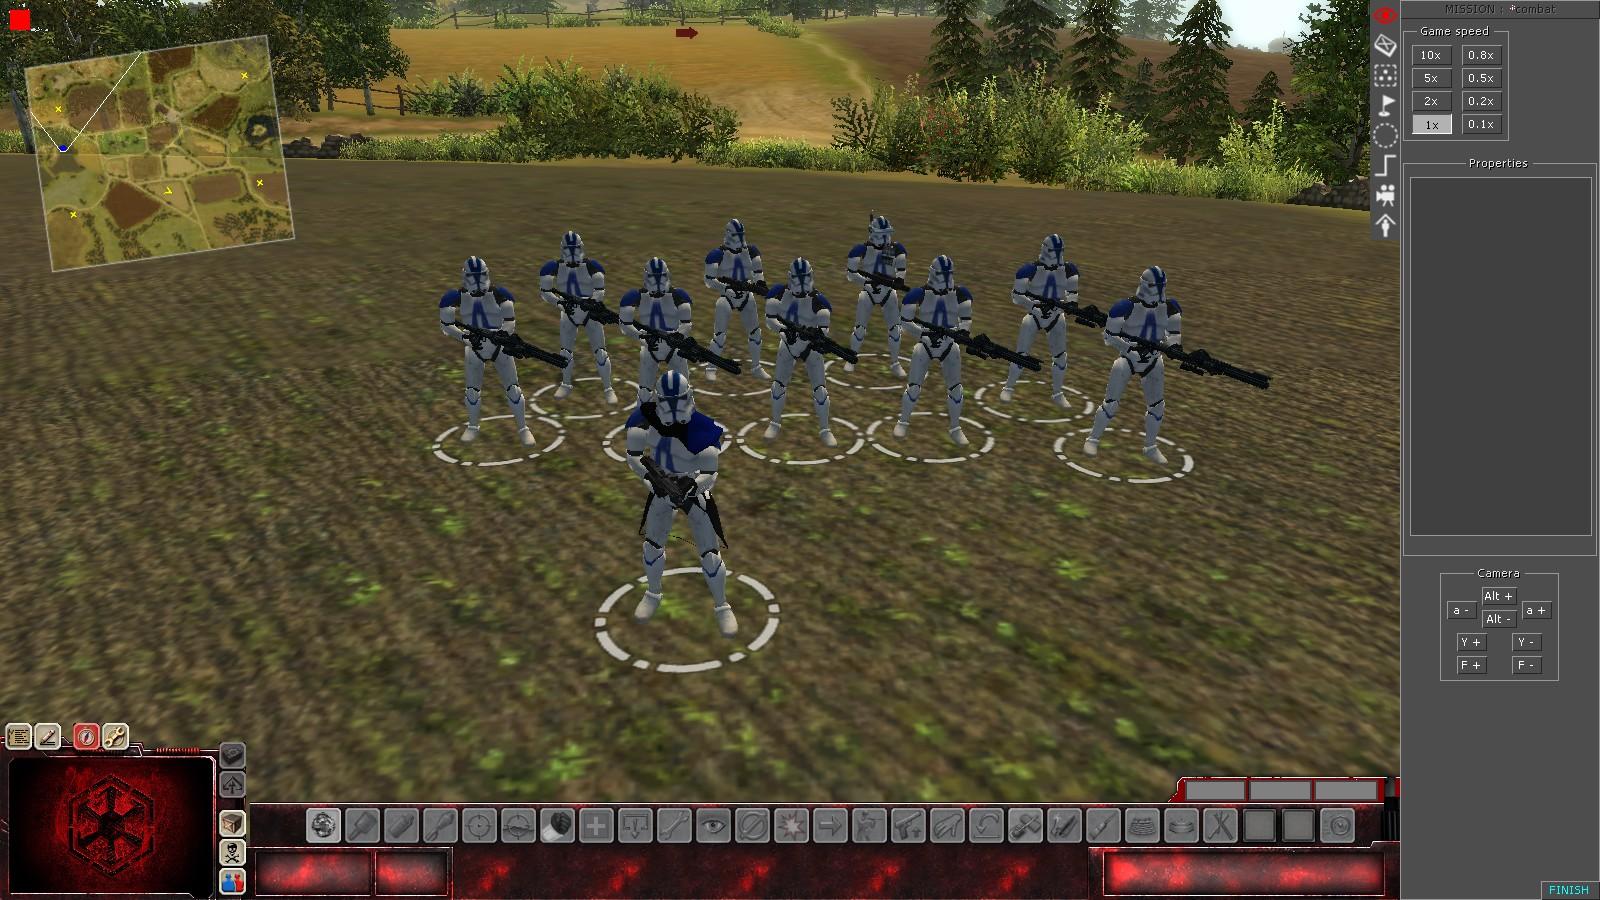 Men of war star wars mod - 83d87